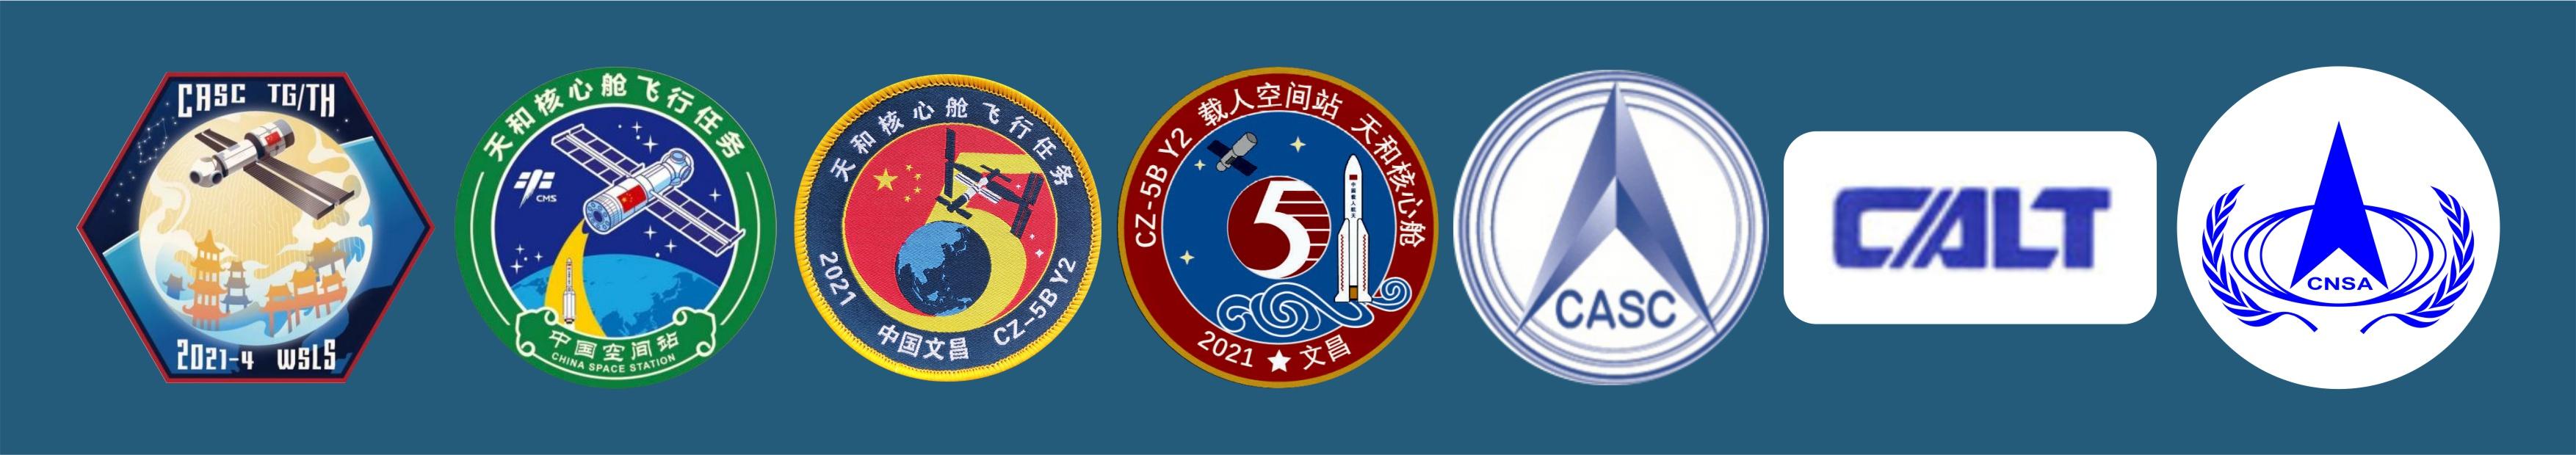 Эмблемы и нашивки миссии CZ-5B